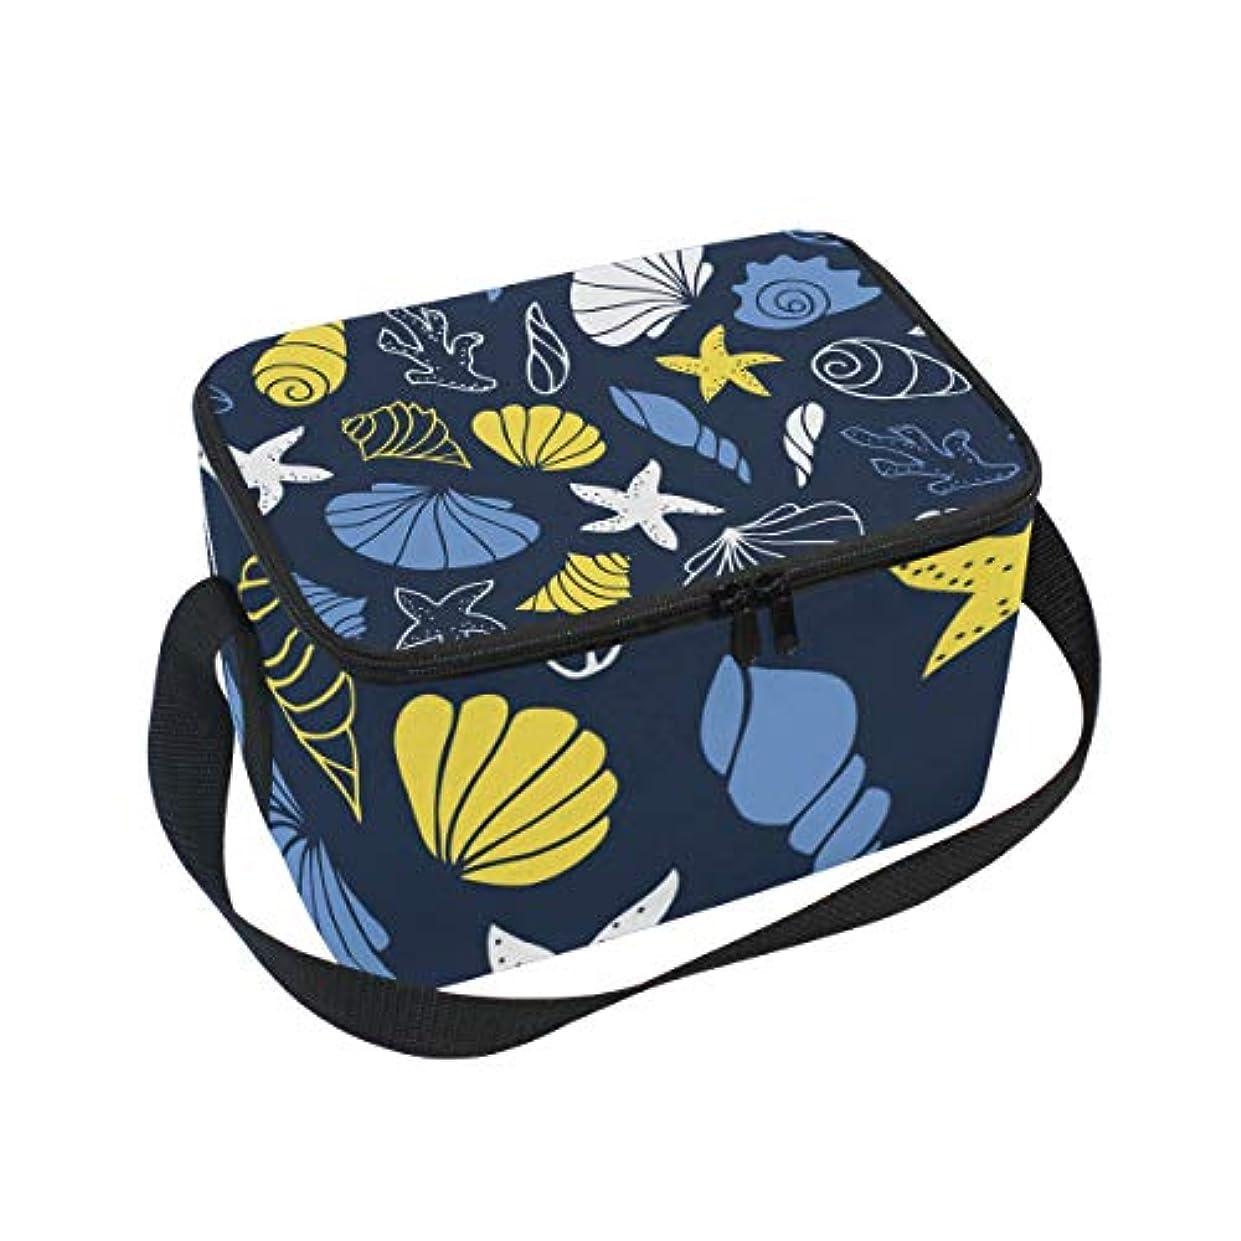 健康的用心わずらわしいクーラーバッグ クーラーボックス ソフトクーラ 冷蔵ボックス キャンプ用品 貝殻 シェル柄 保冷保温 大容量 肩掛け お花見 アウトドア